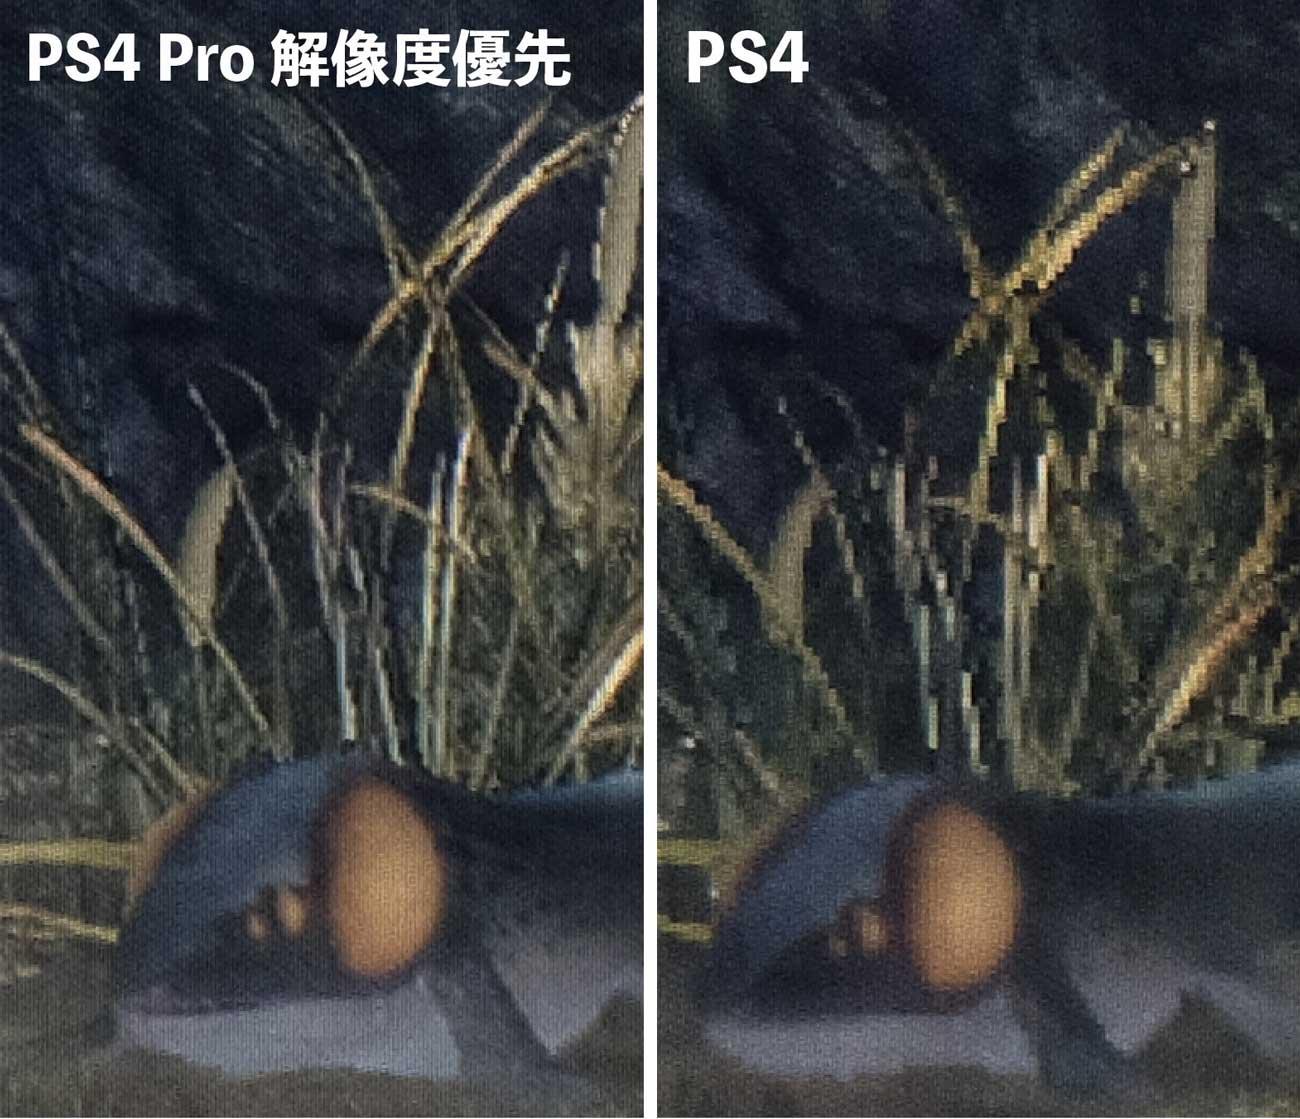 モンスターハンターワールド PS4 ProとPS4 4Kと2K比較